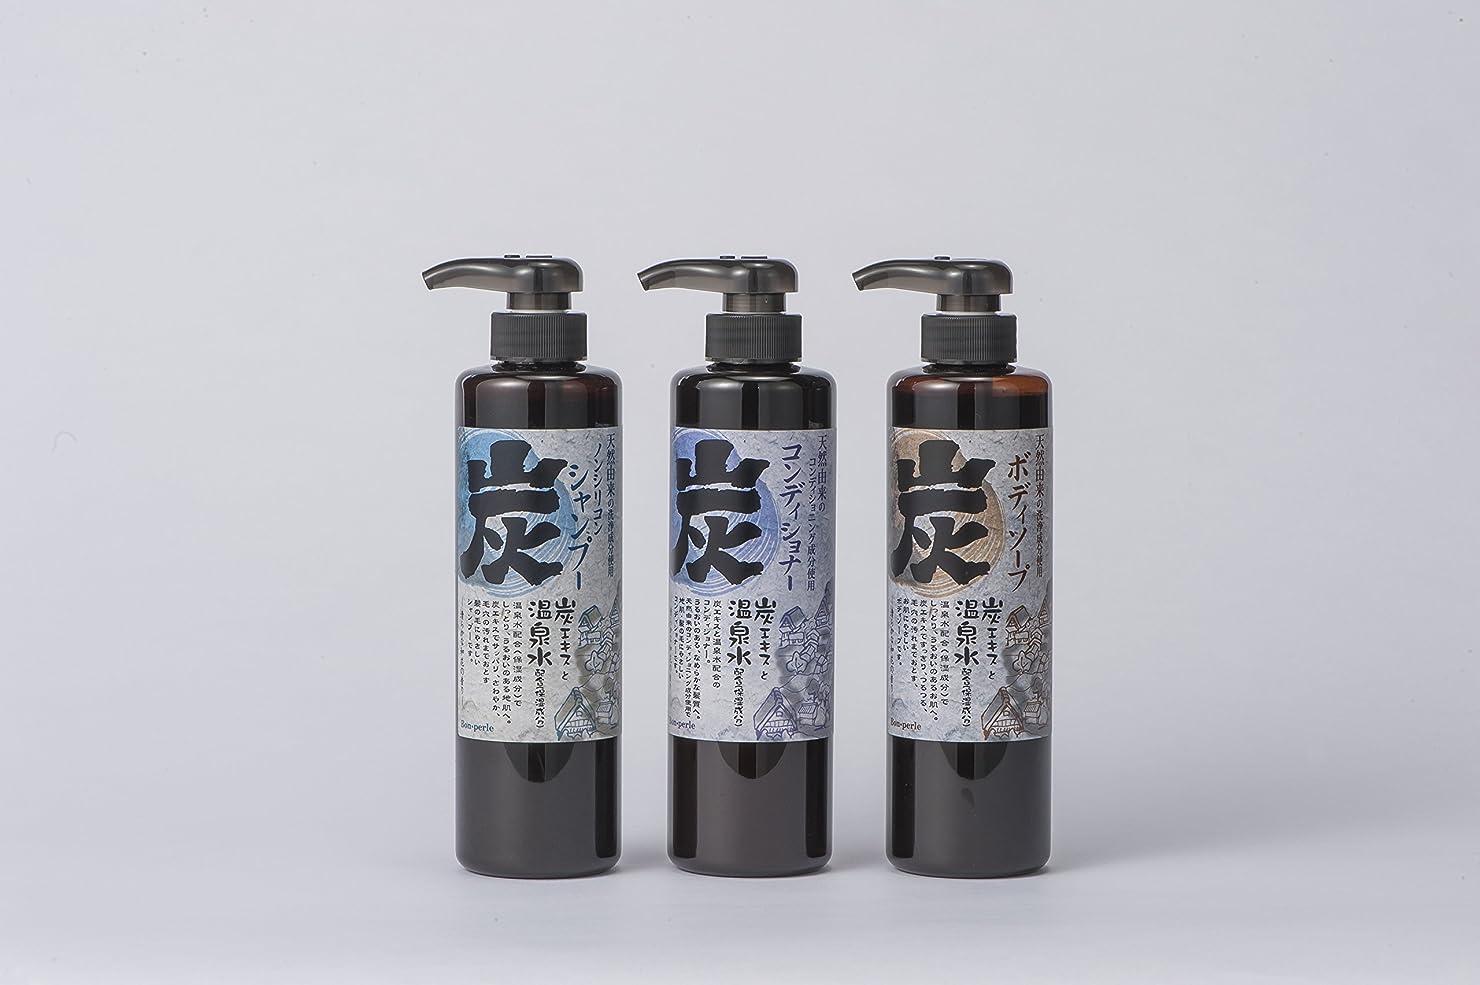 ゆるい略す支配的スパミネラル炭 ヘアケア&ボディケア 500ml 3本セット